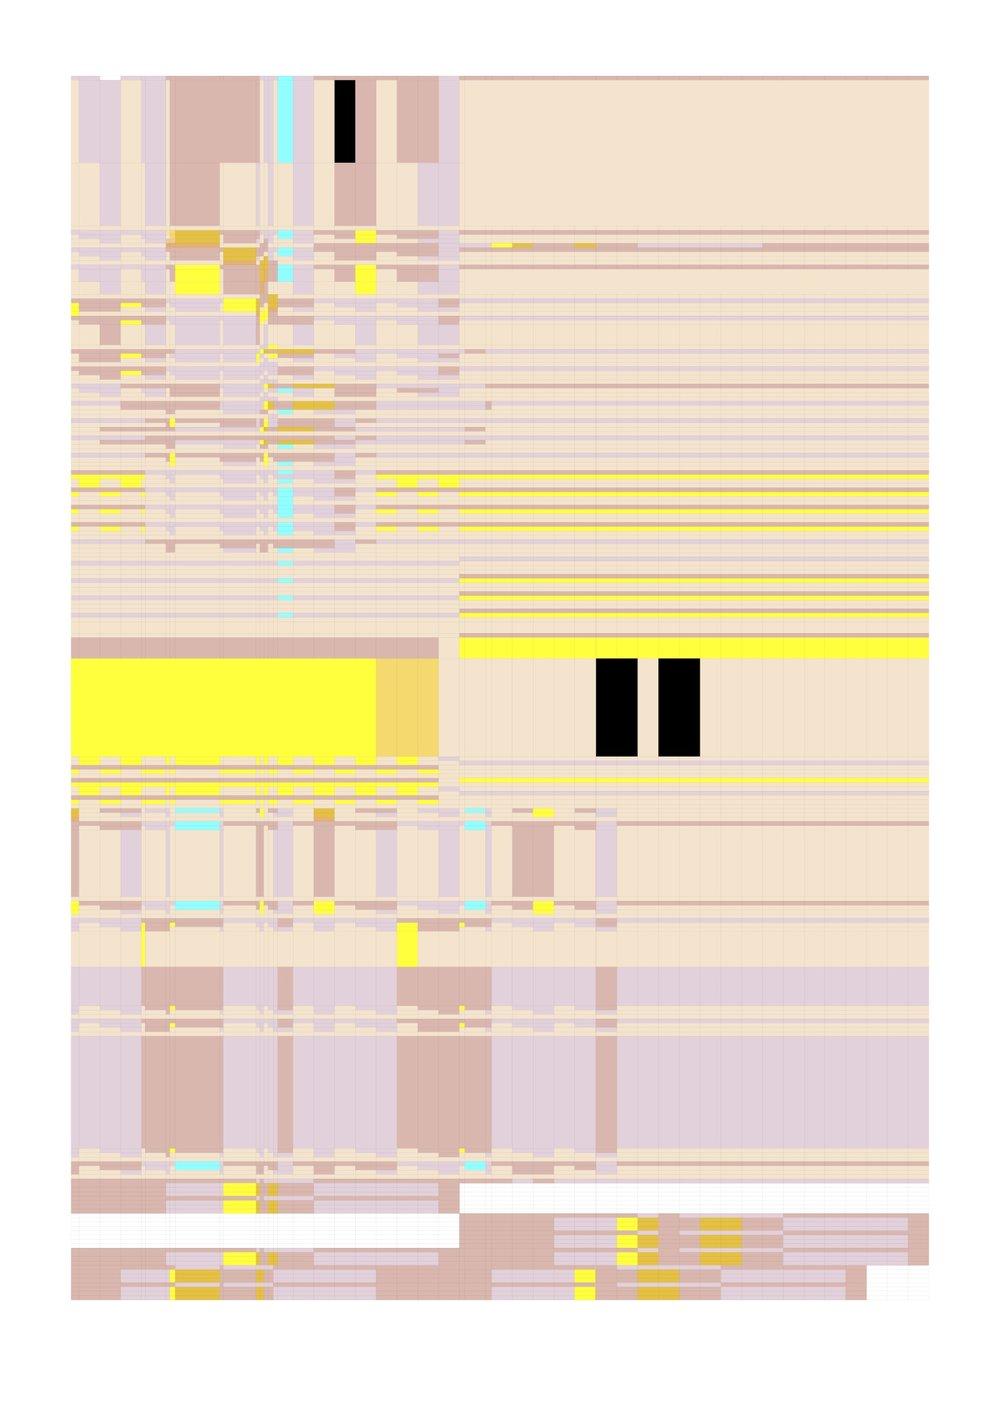 SHAPELINE - Sheet1 (1).jpg